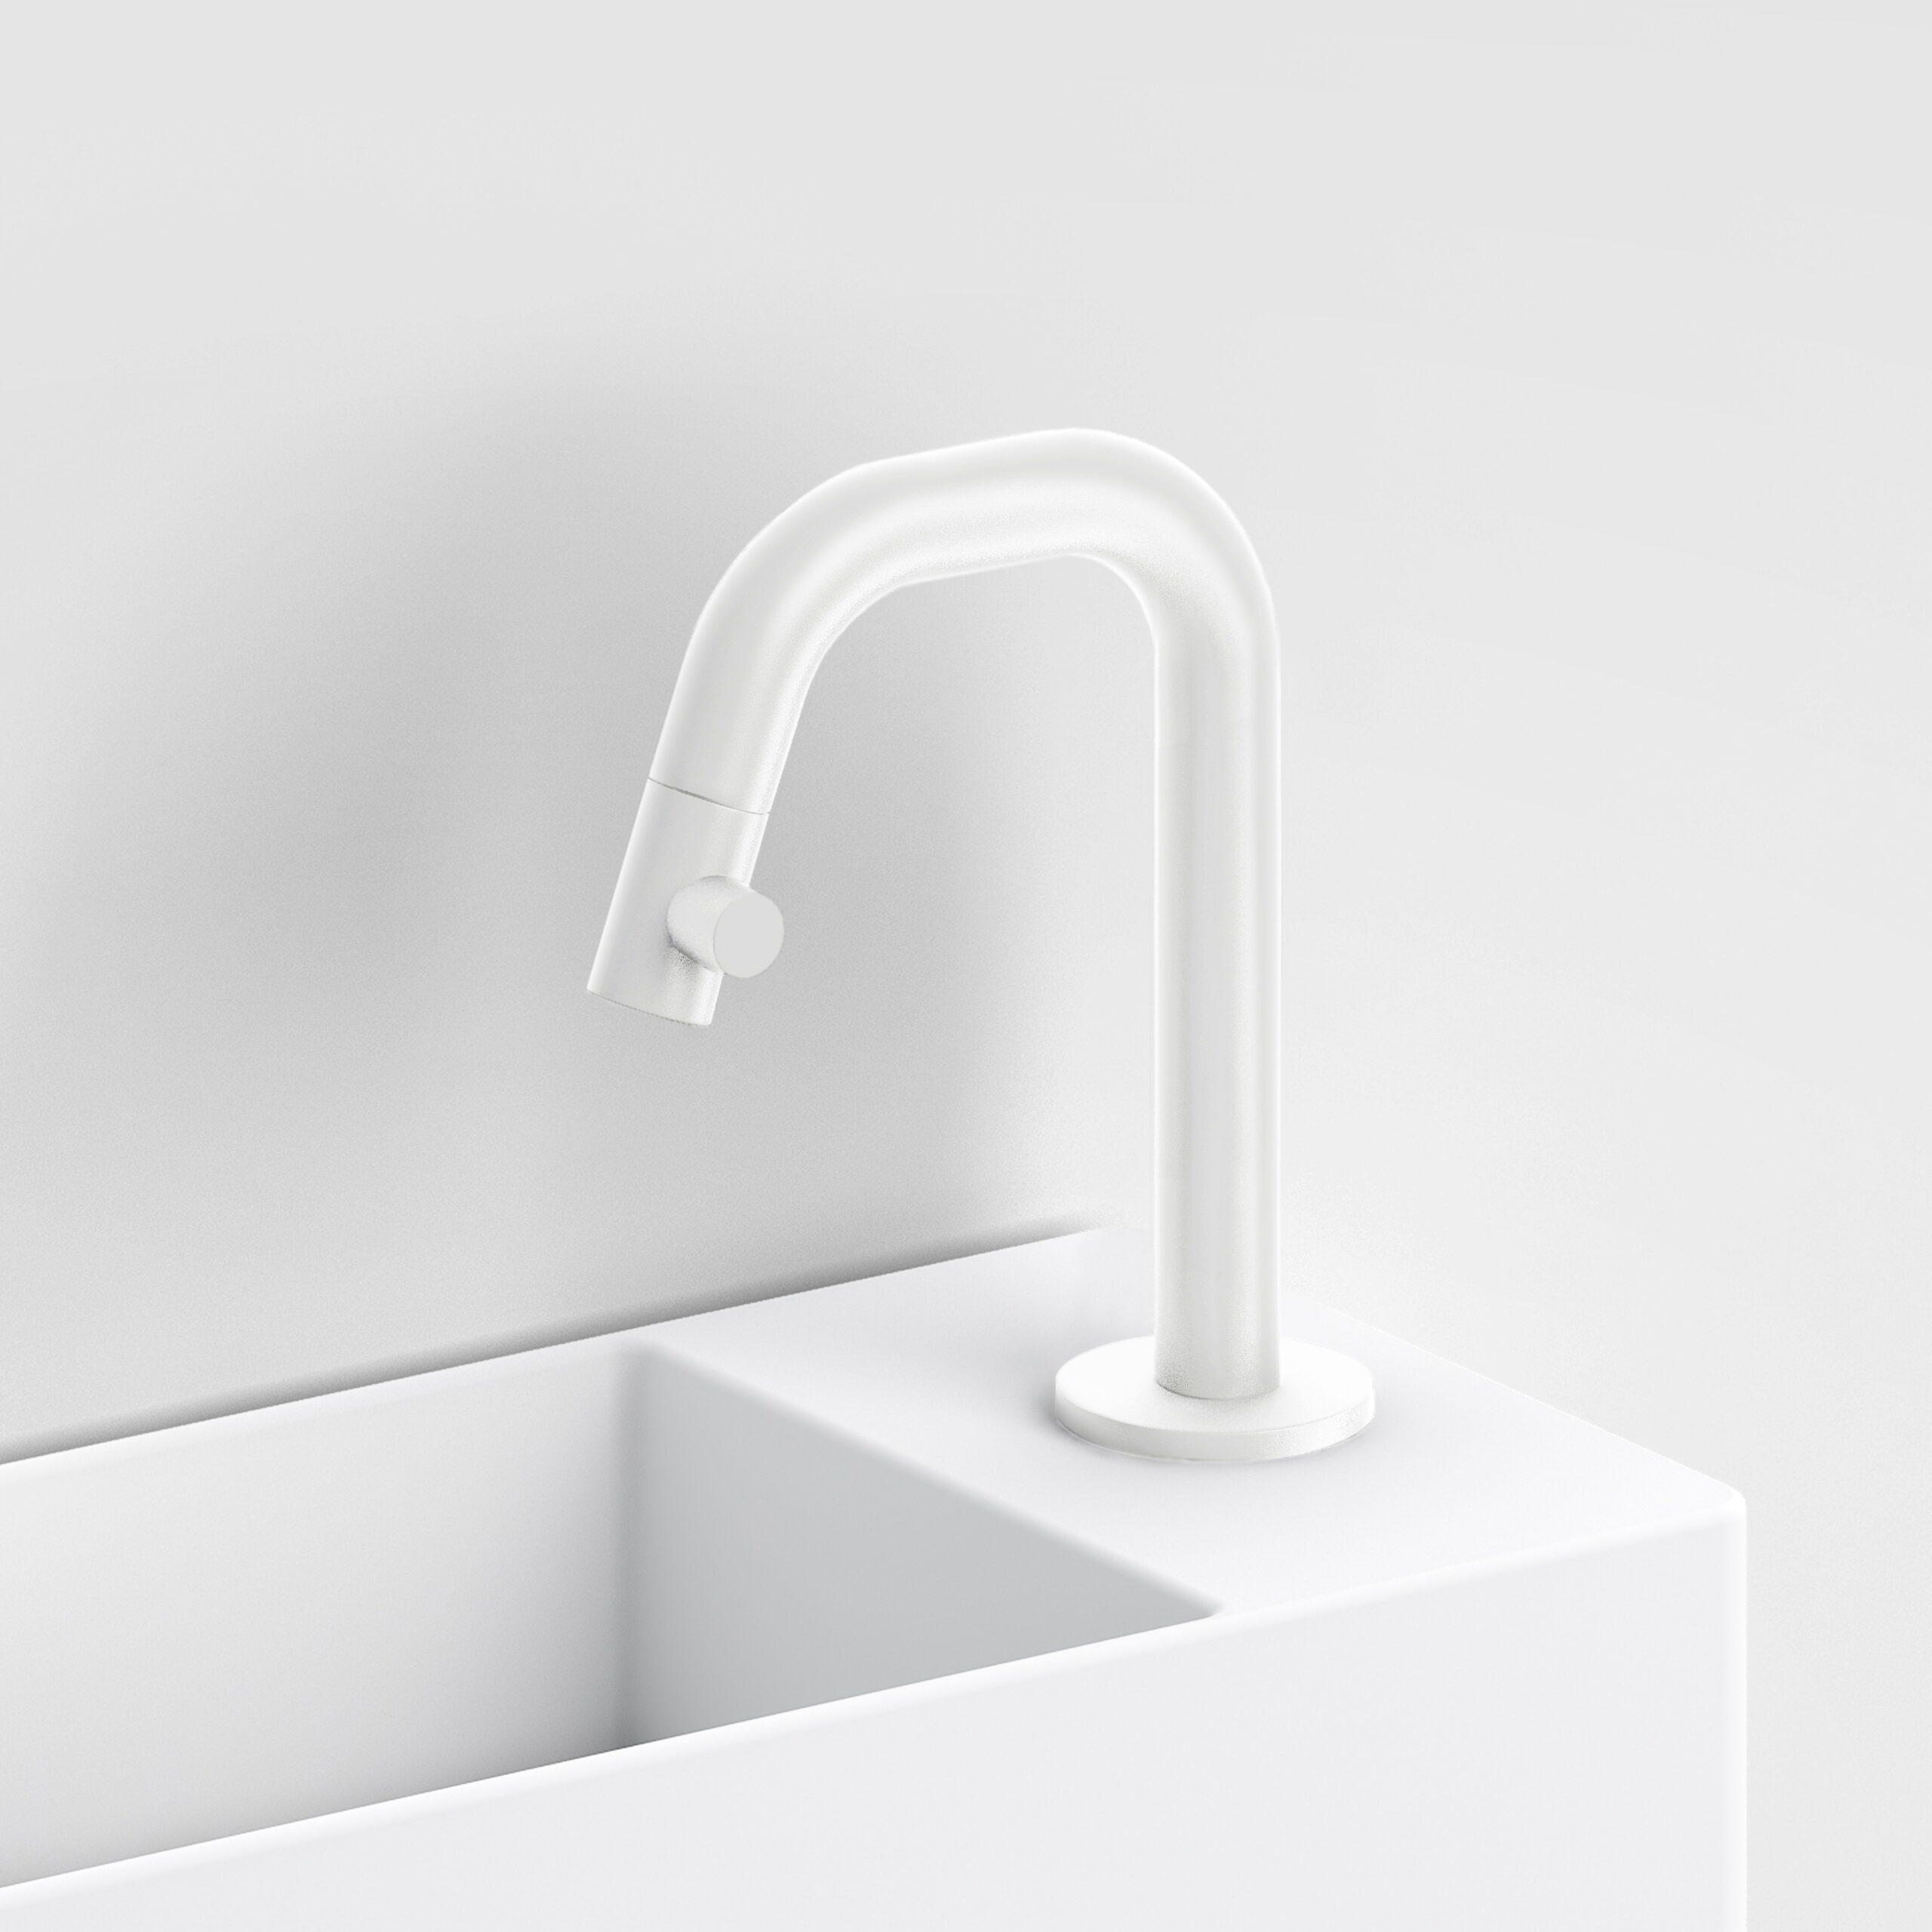 Productafbeelding van Clou Kaldur fonteinkraan met korte uitloop, rechts, mat wit